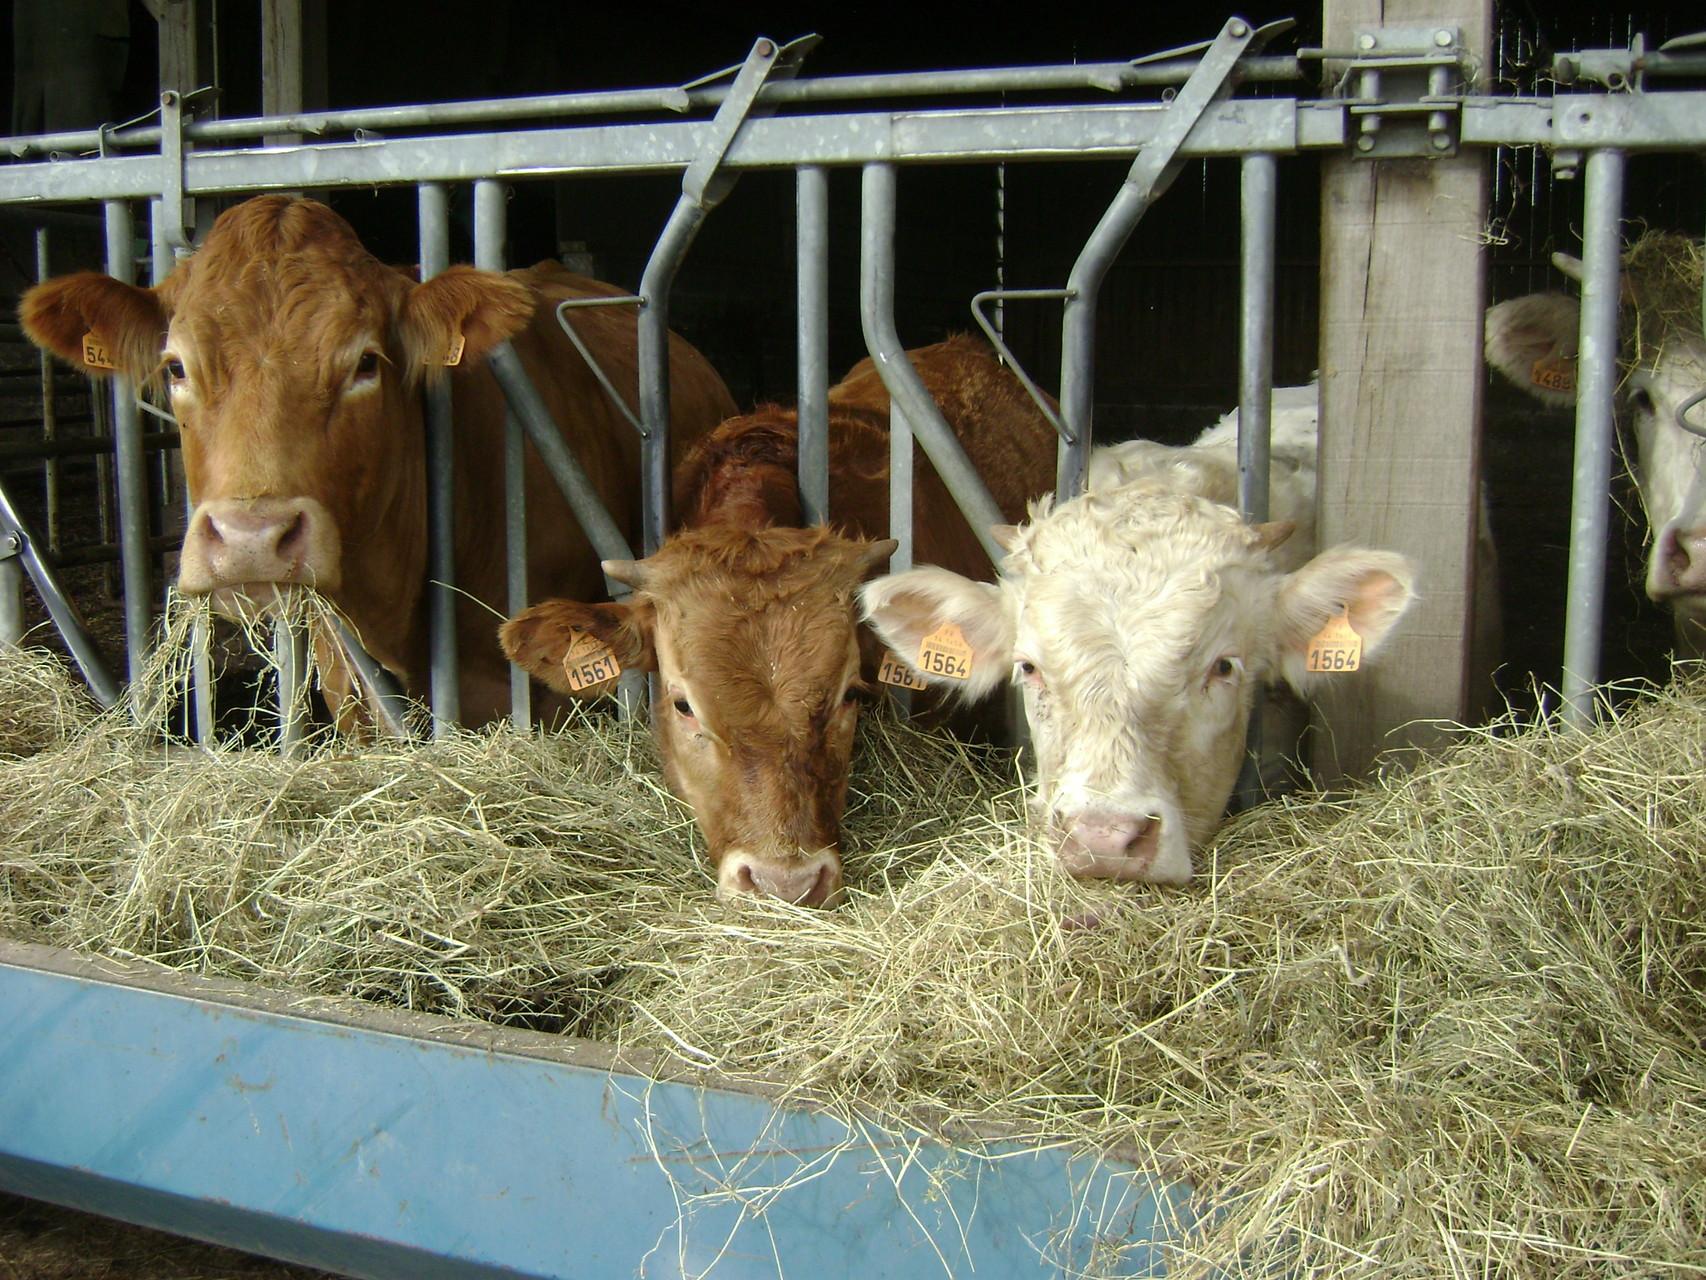 Les vaches mangeant au cornadis leur ration hivernale foin et enrubannage